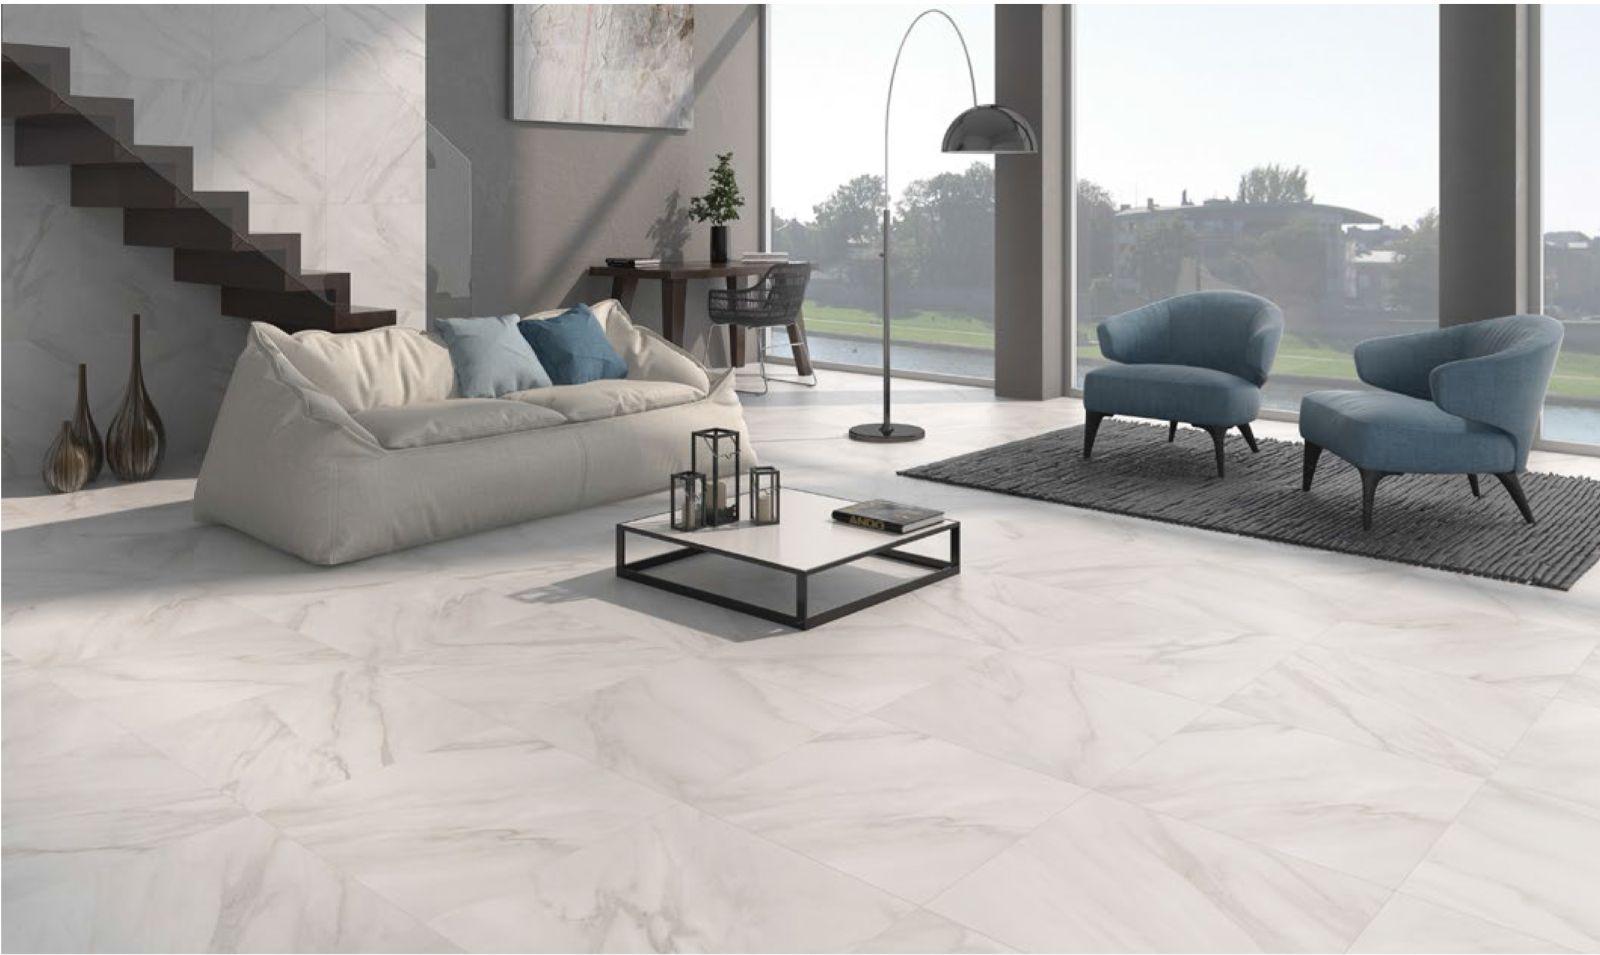 Gạch lát nền nhà màu xám thuộc gam màu trung tính, được coi là xu hướng lựa chọn của nhiều gia chủ